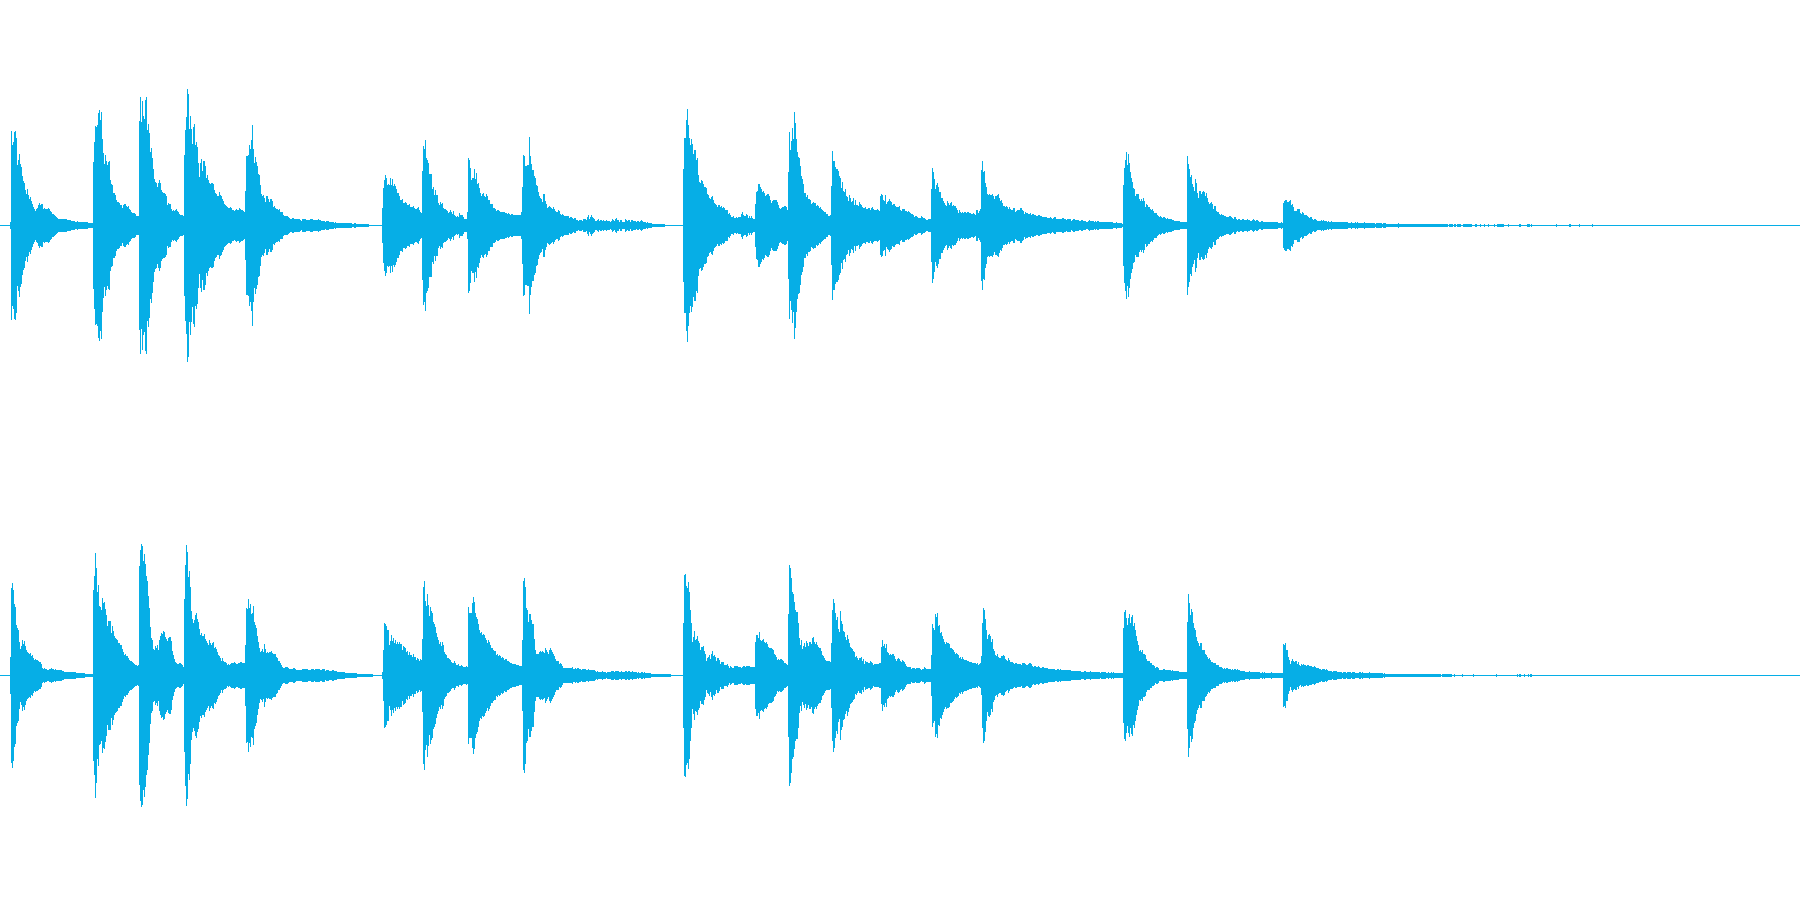 朗読・証言のBGM用~短いピアノソロ~の再生済みの波形